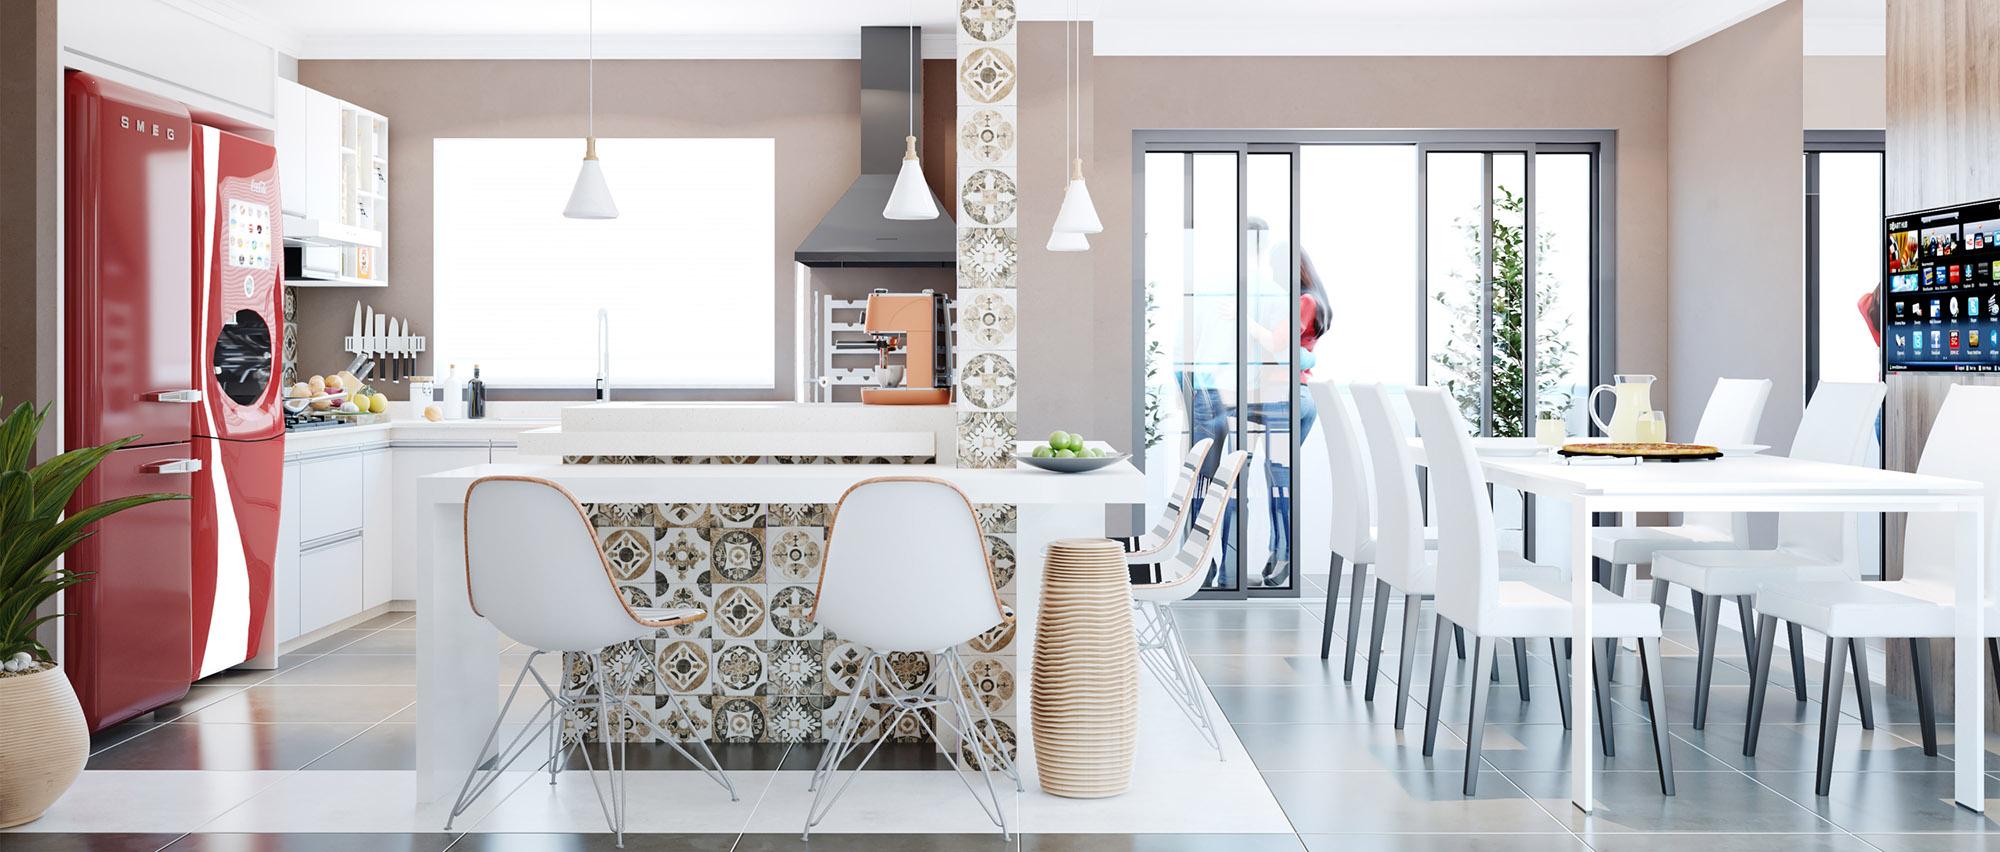 arquitetura-projeto-3d-projeto-casa-cozinha-decoração-interiores_slider_2000_PX_2-1